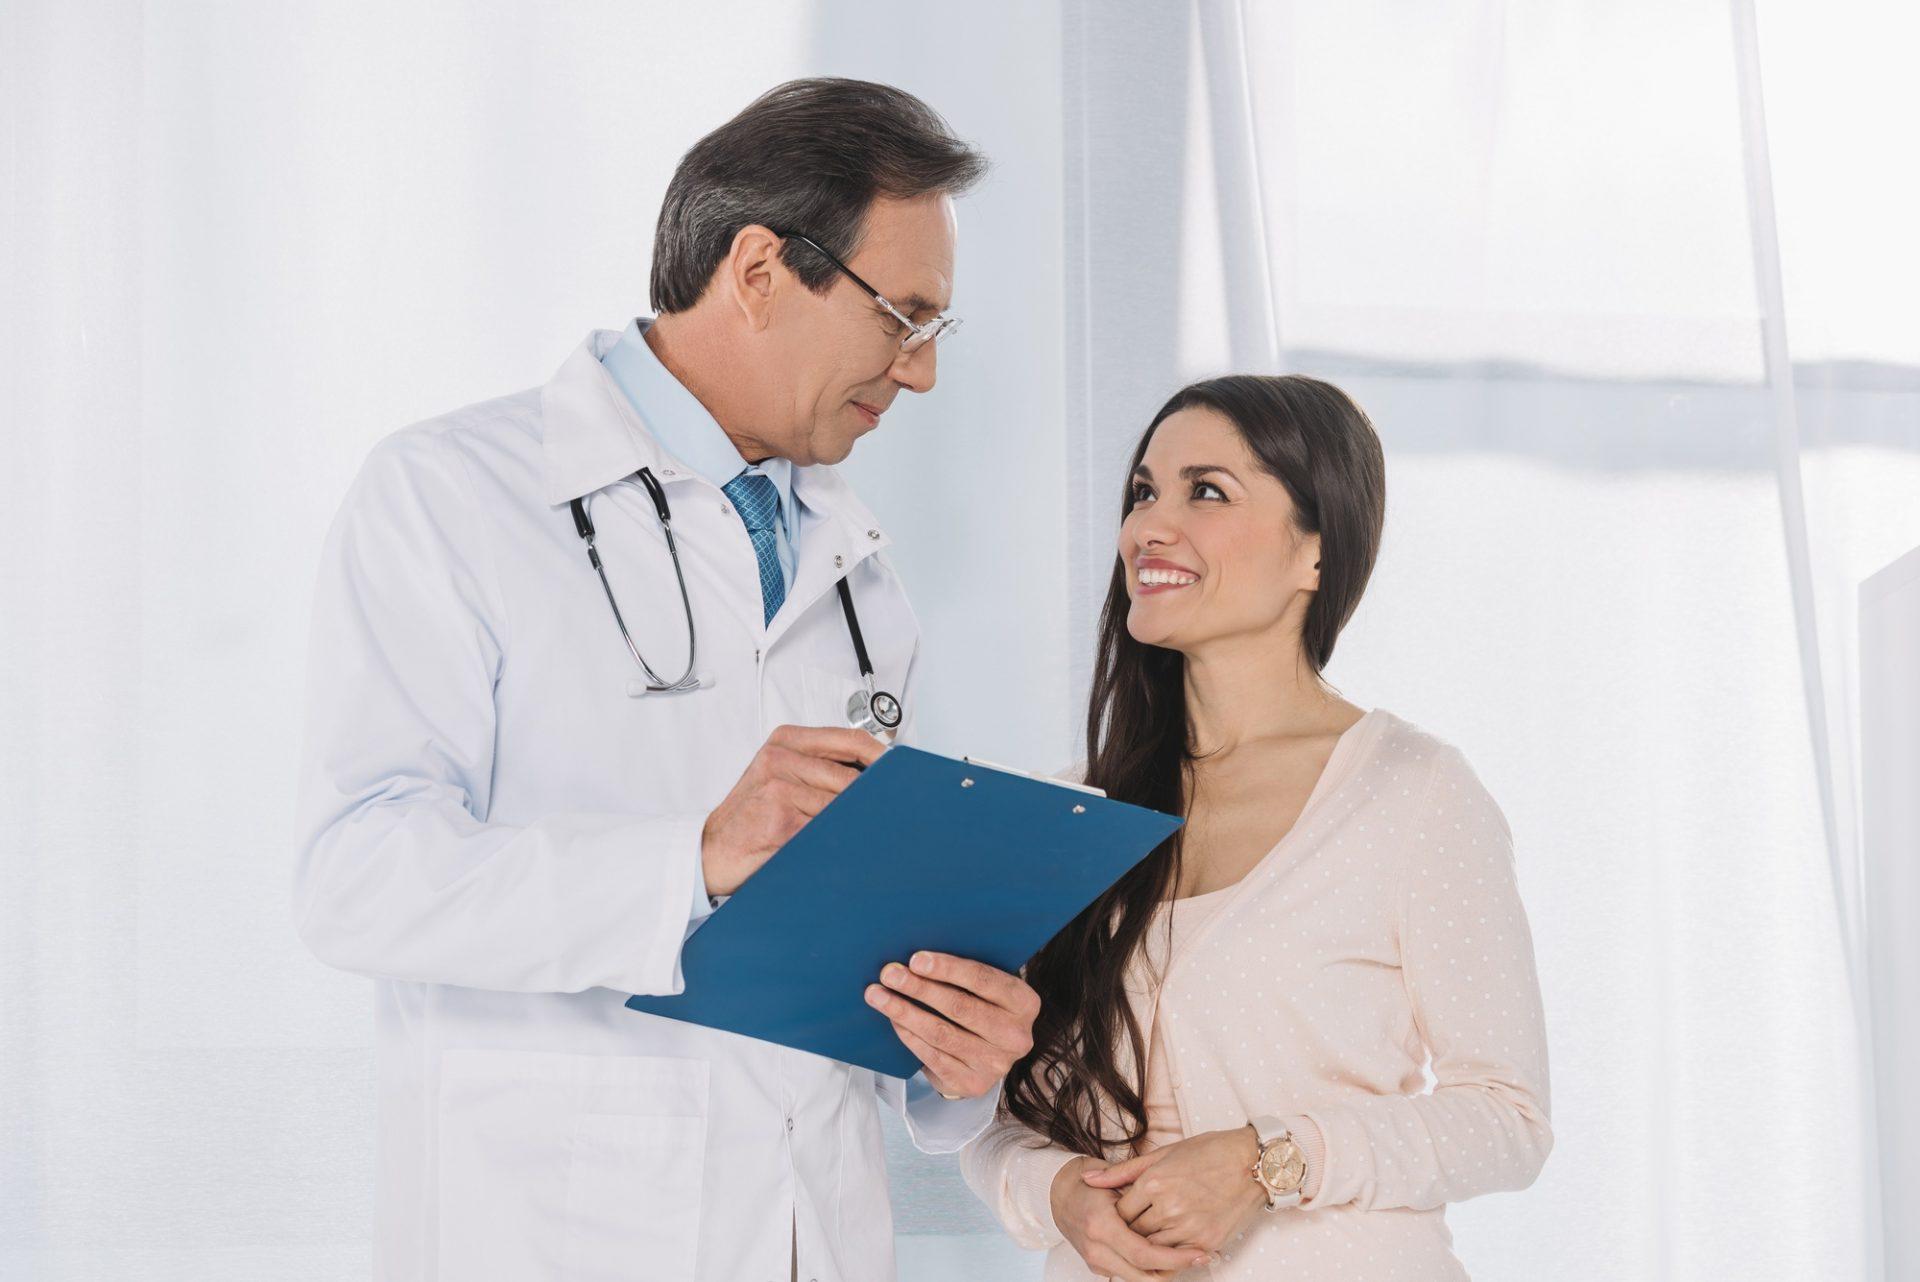 Como é a consulta de um médico homeopata